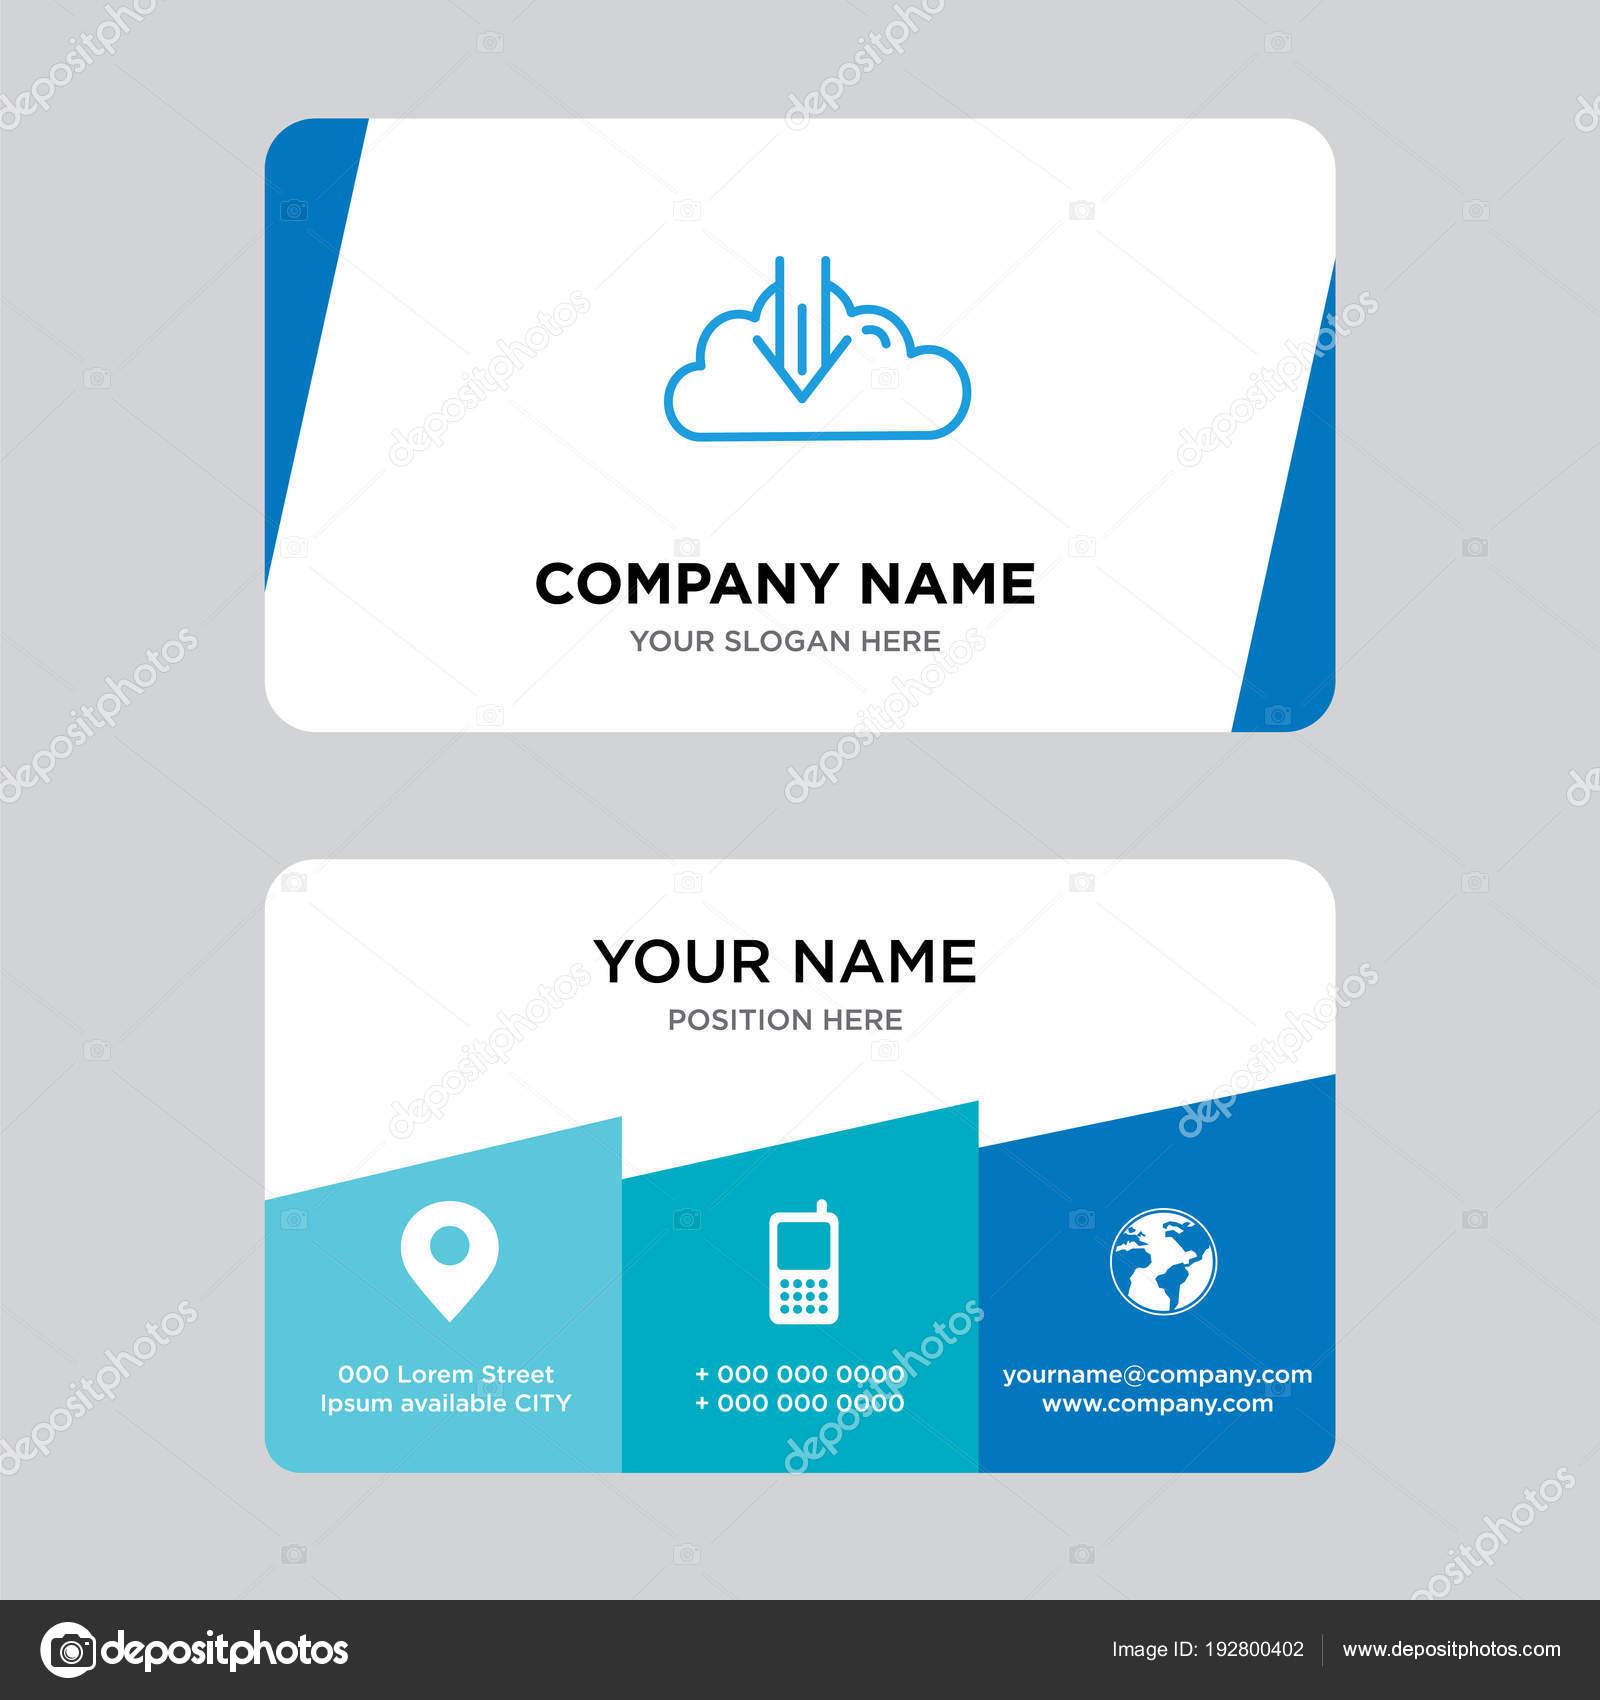 Nett Visitenkarten Vorlage Herunterladen Fotos - Beispiel Business ...